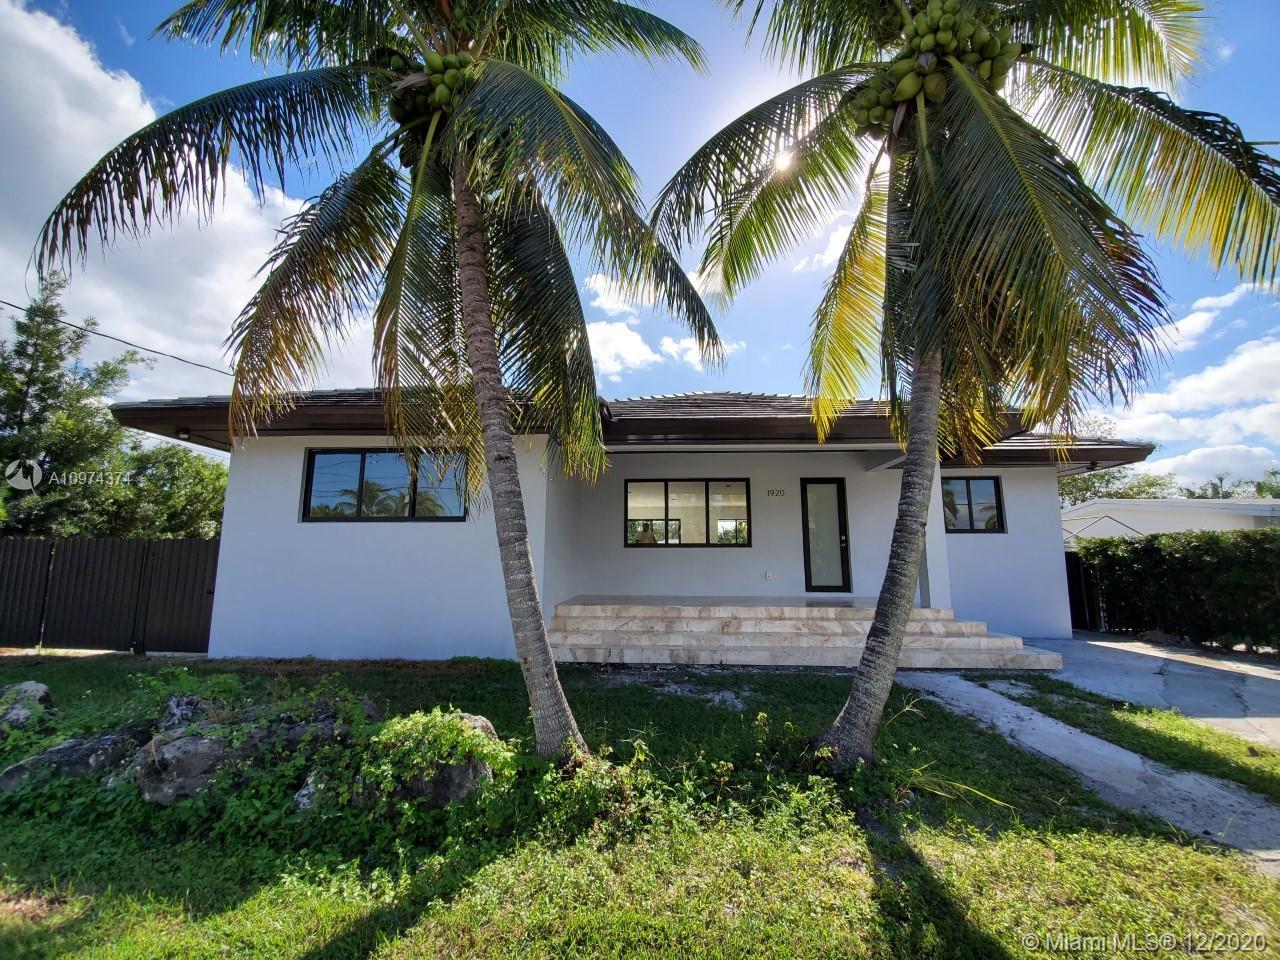 Keystone Point - 1920 N Hibiscus Dr, North Miami, FL 33181